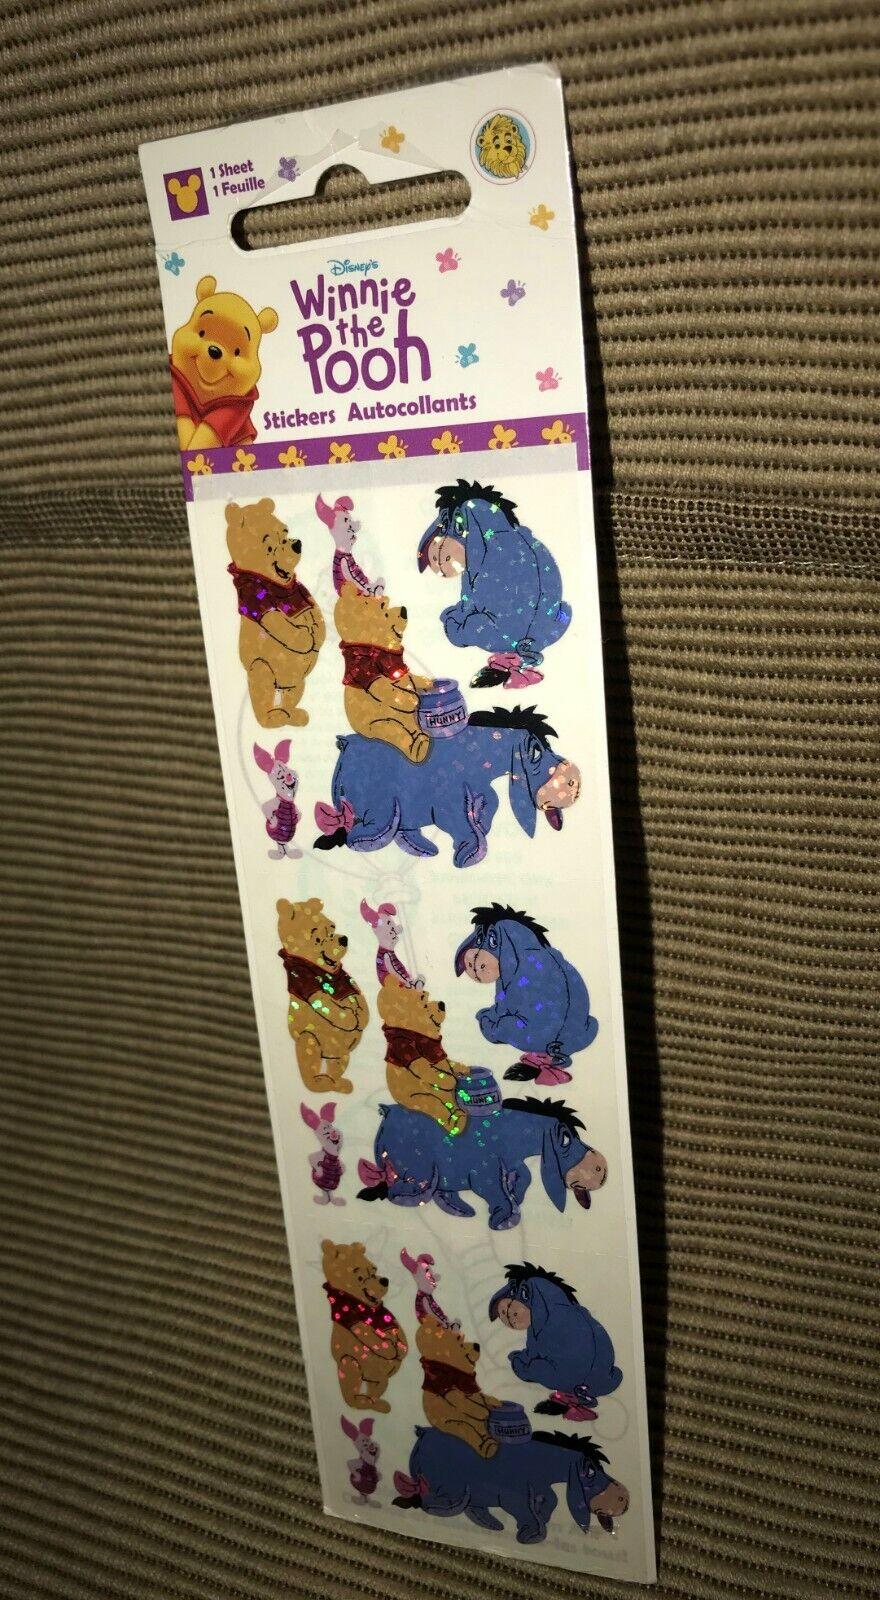 SandyLion sticker sección Prismatic 90s Disney Pooh Puh sticker album cromos